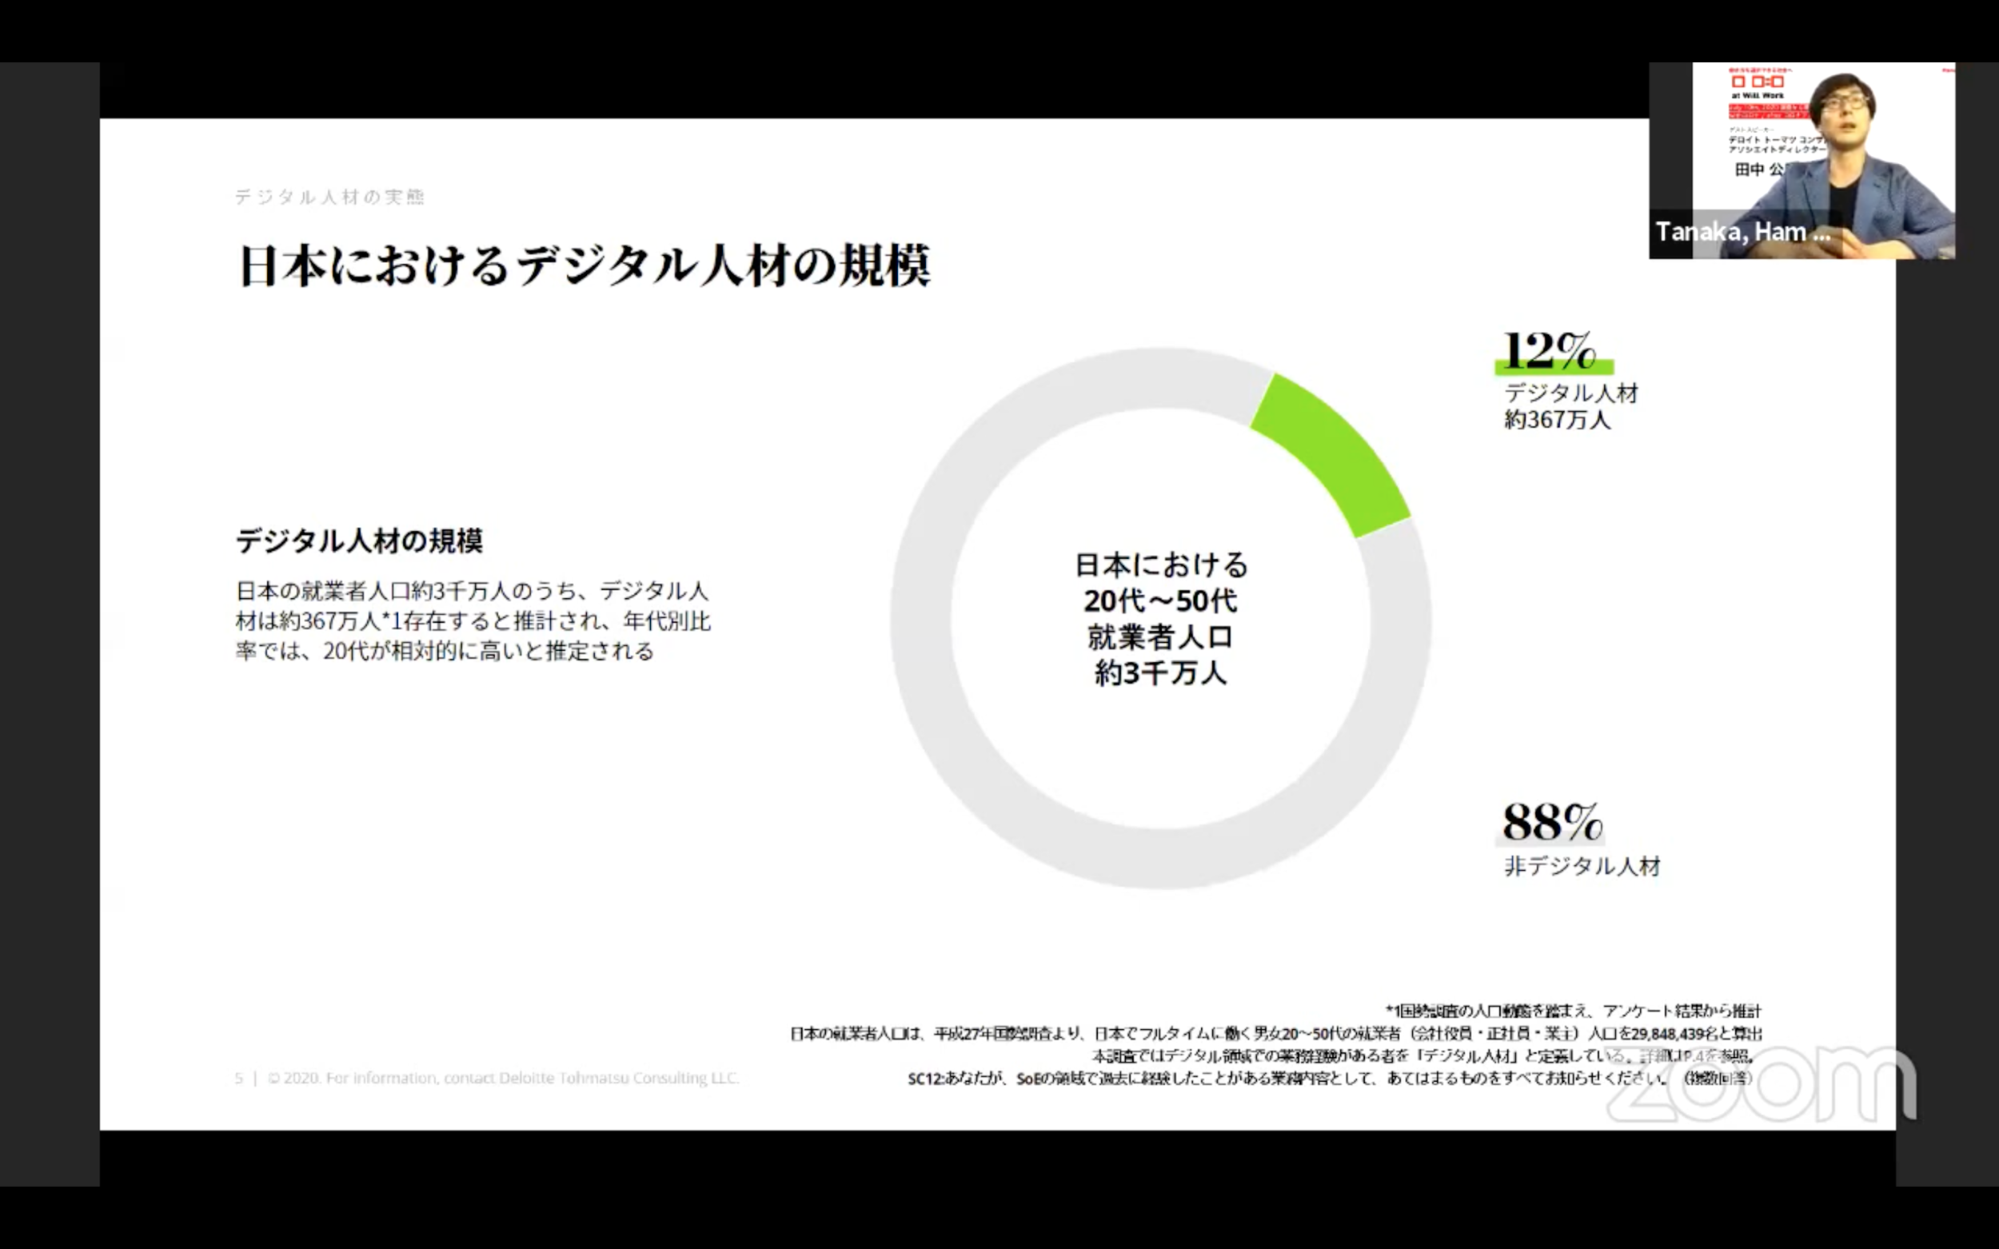 710開催レポートimage5.png